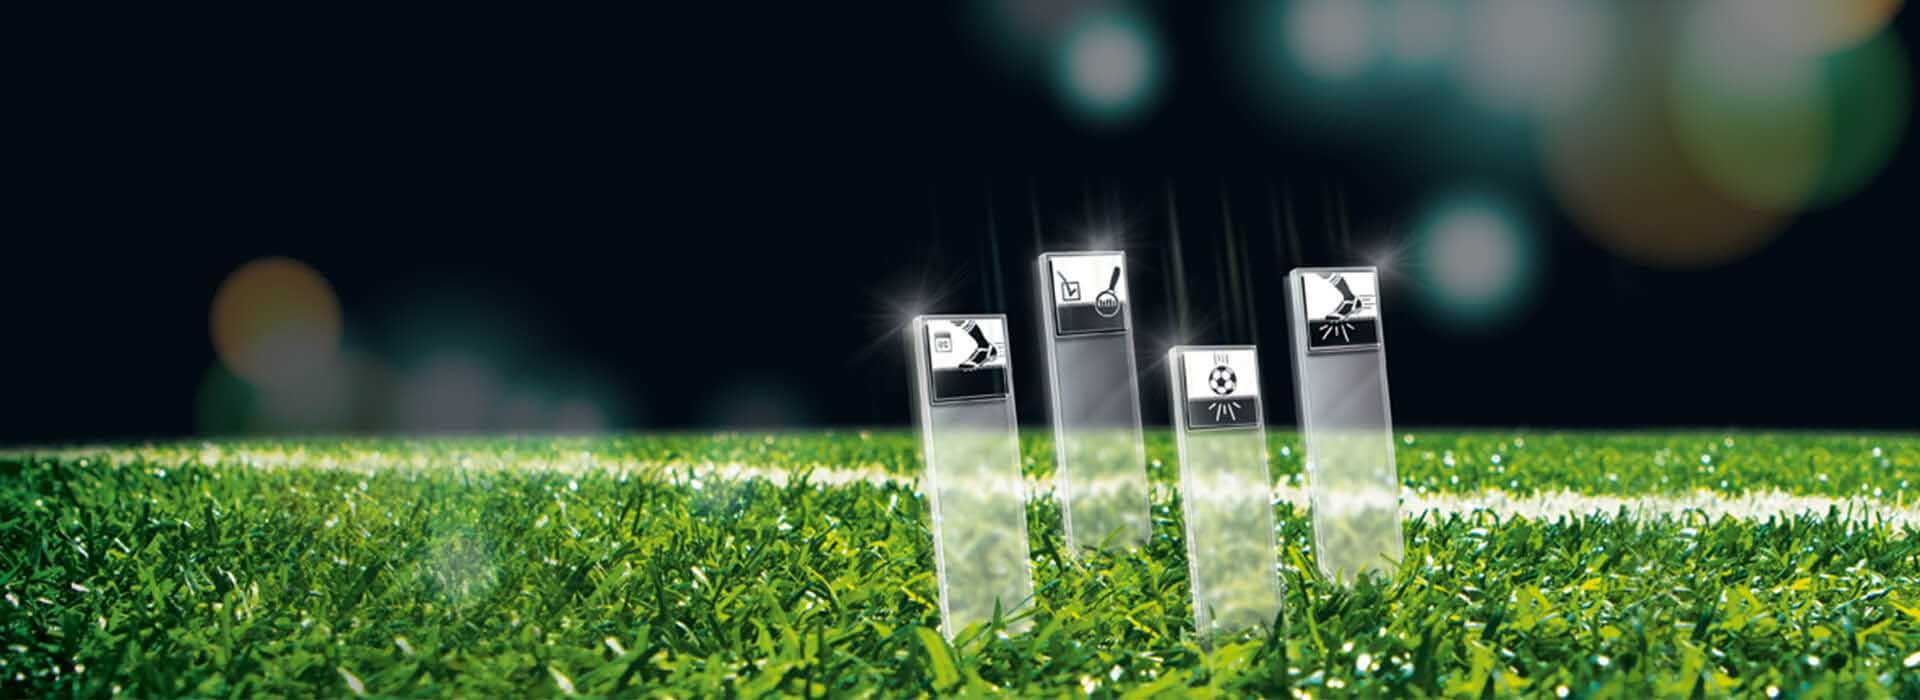 FIFA prefirió el productor de campos de fútbol de césped artificial